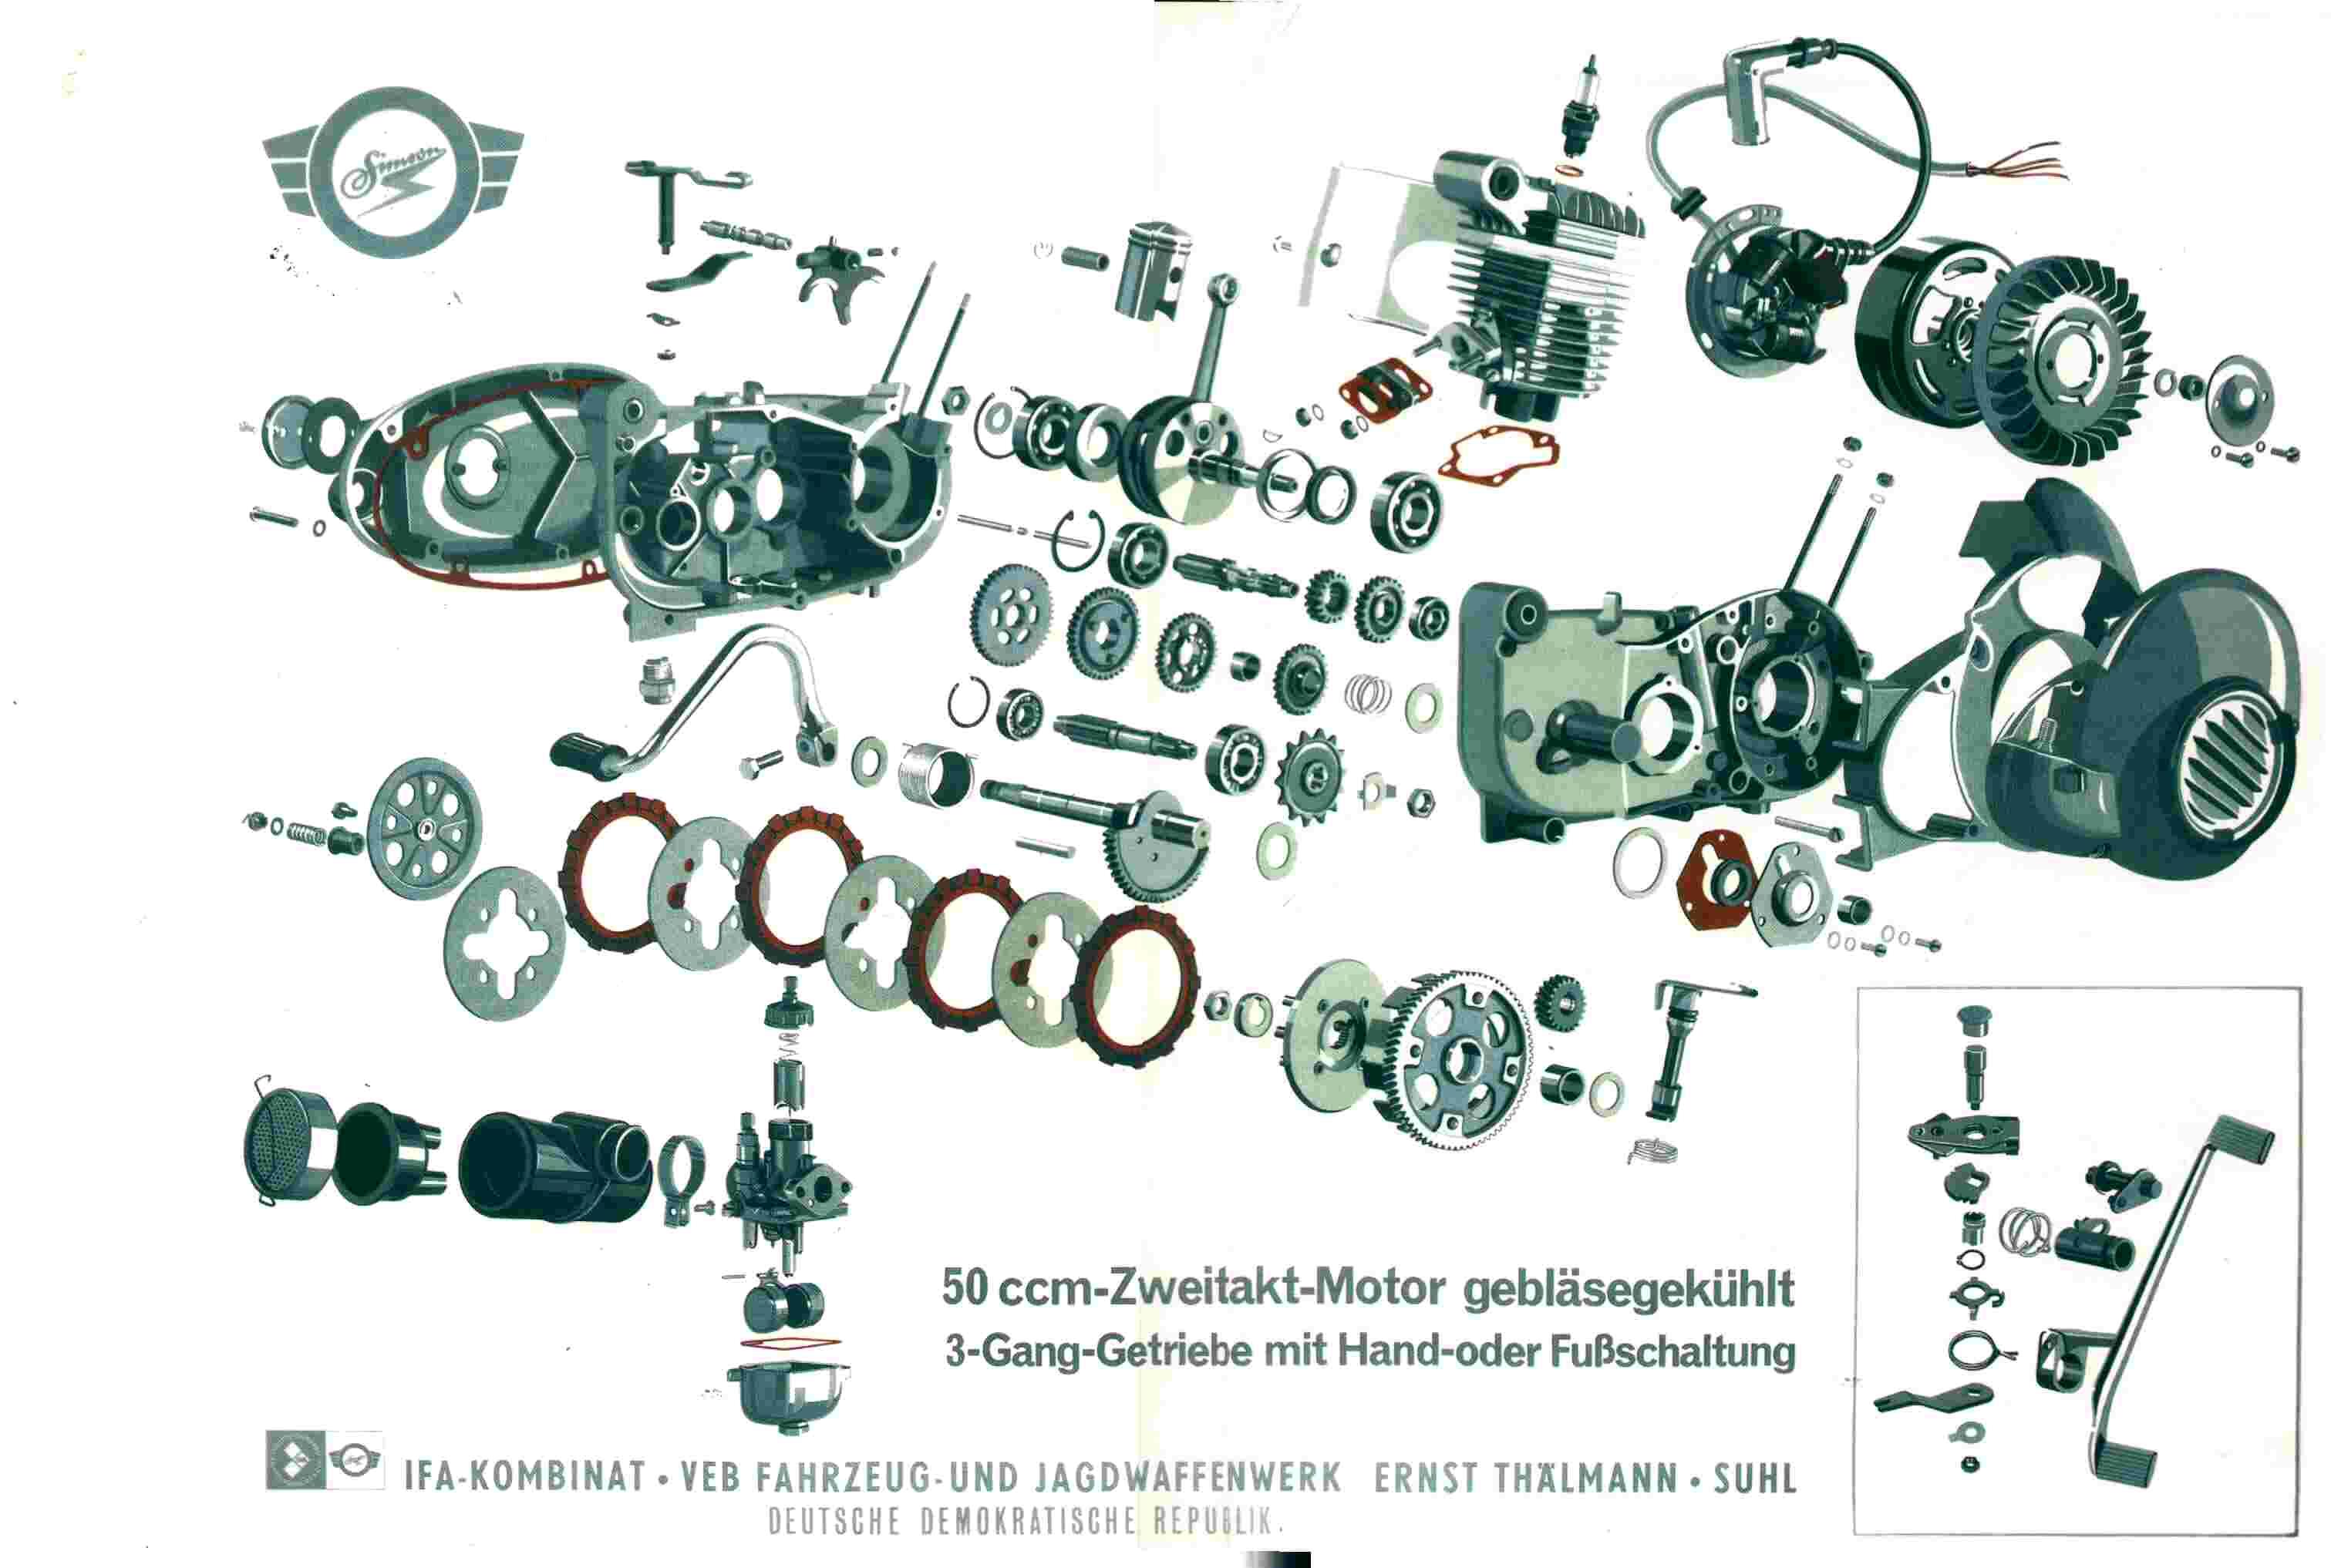 Technische Daten und Explosionszeichnung der Simson Motoren